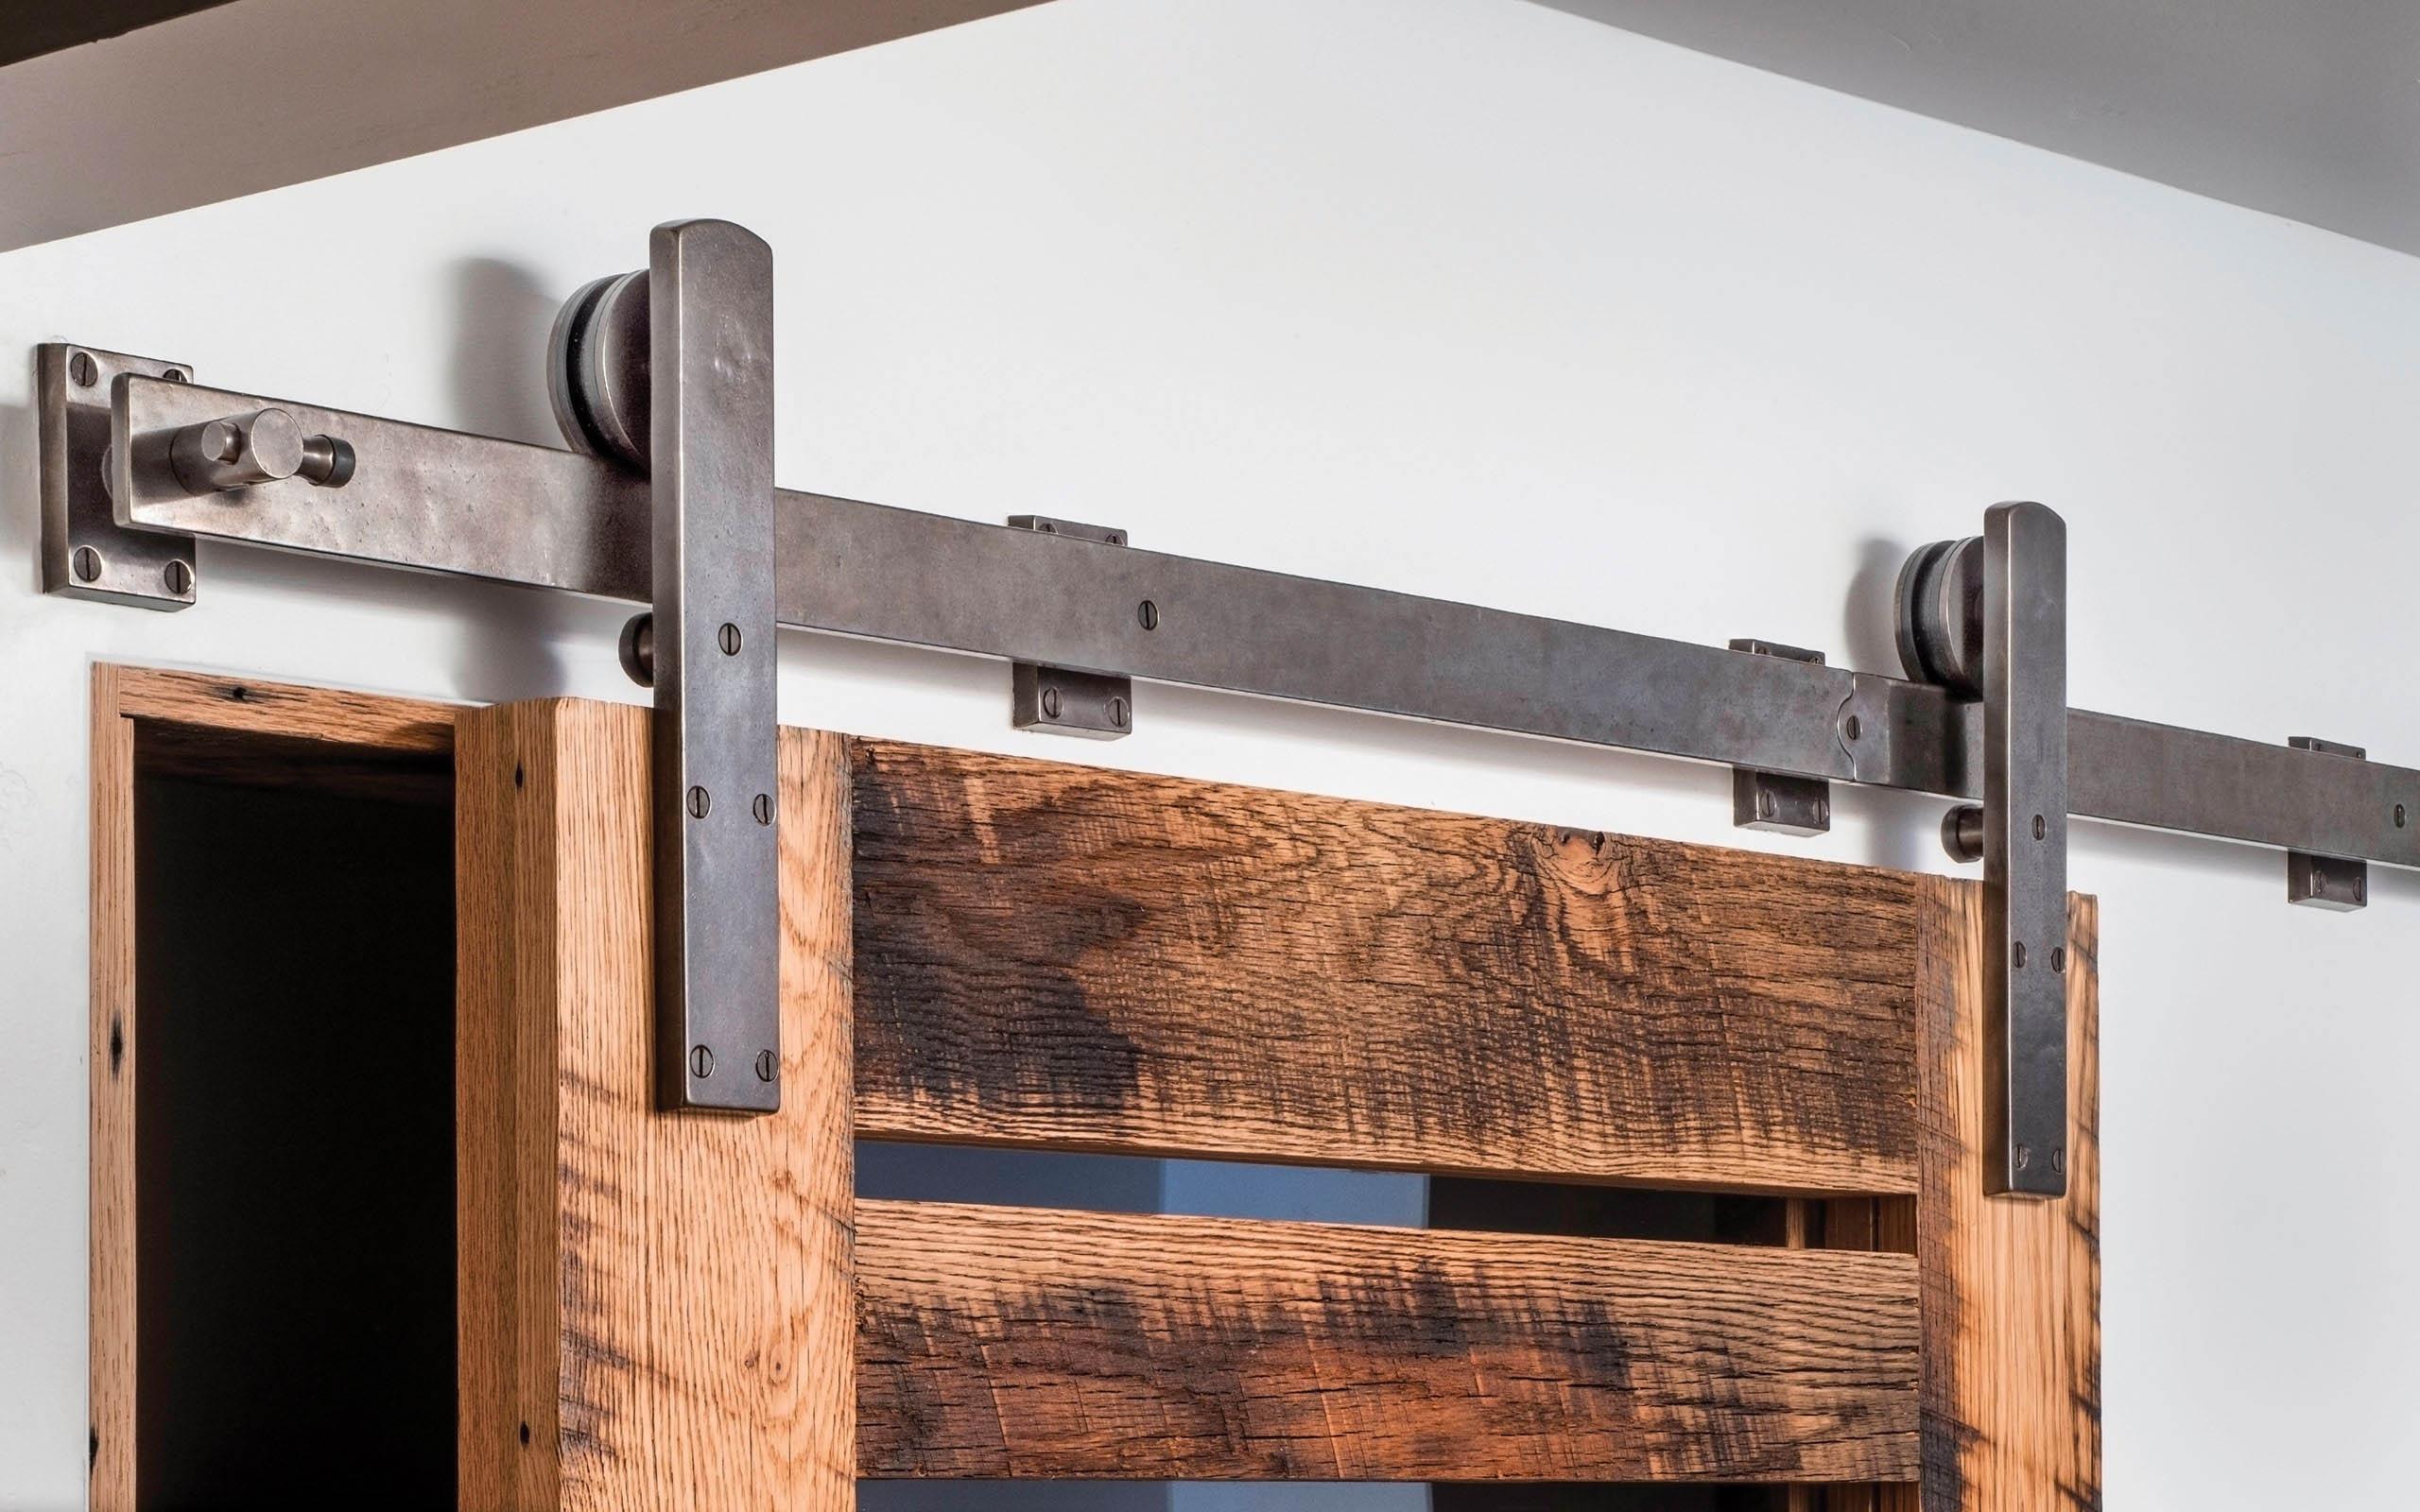 Rails For Sliding Barn Doors2560 X 1600